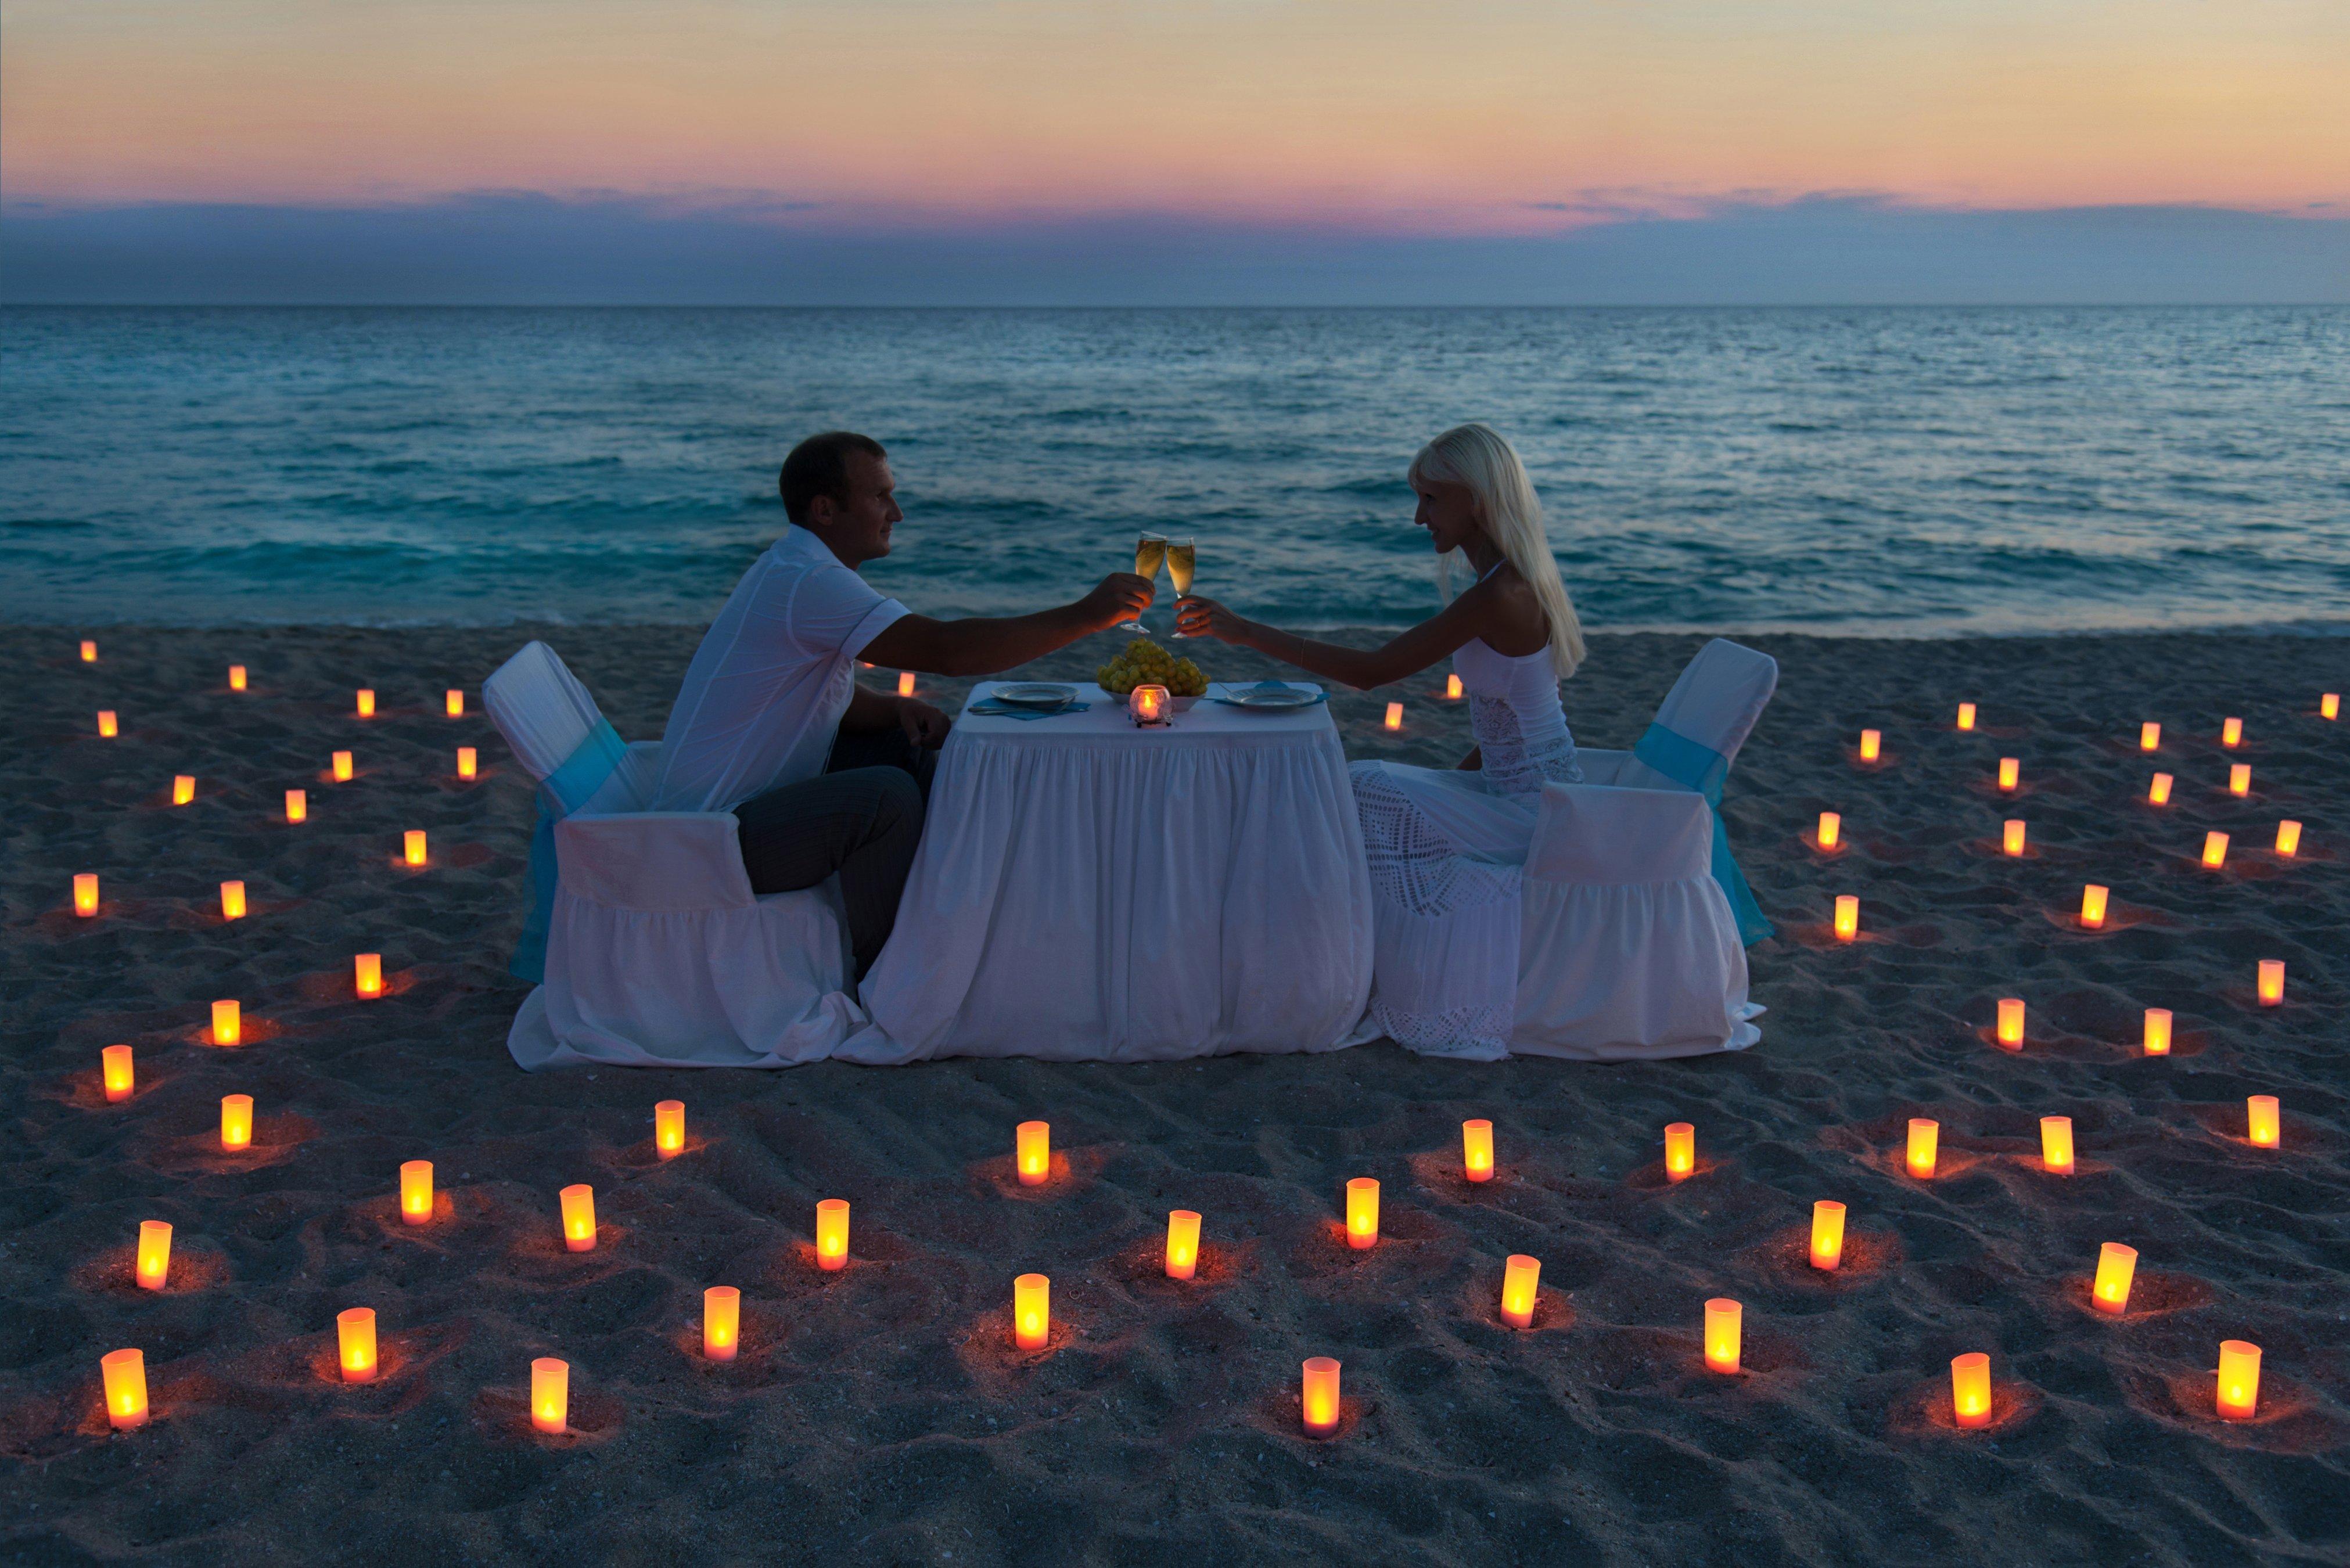 Série De Mensagens E Jantar De: Jantar Romântico: Como Surpreender Seu Namorado (ou Marido